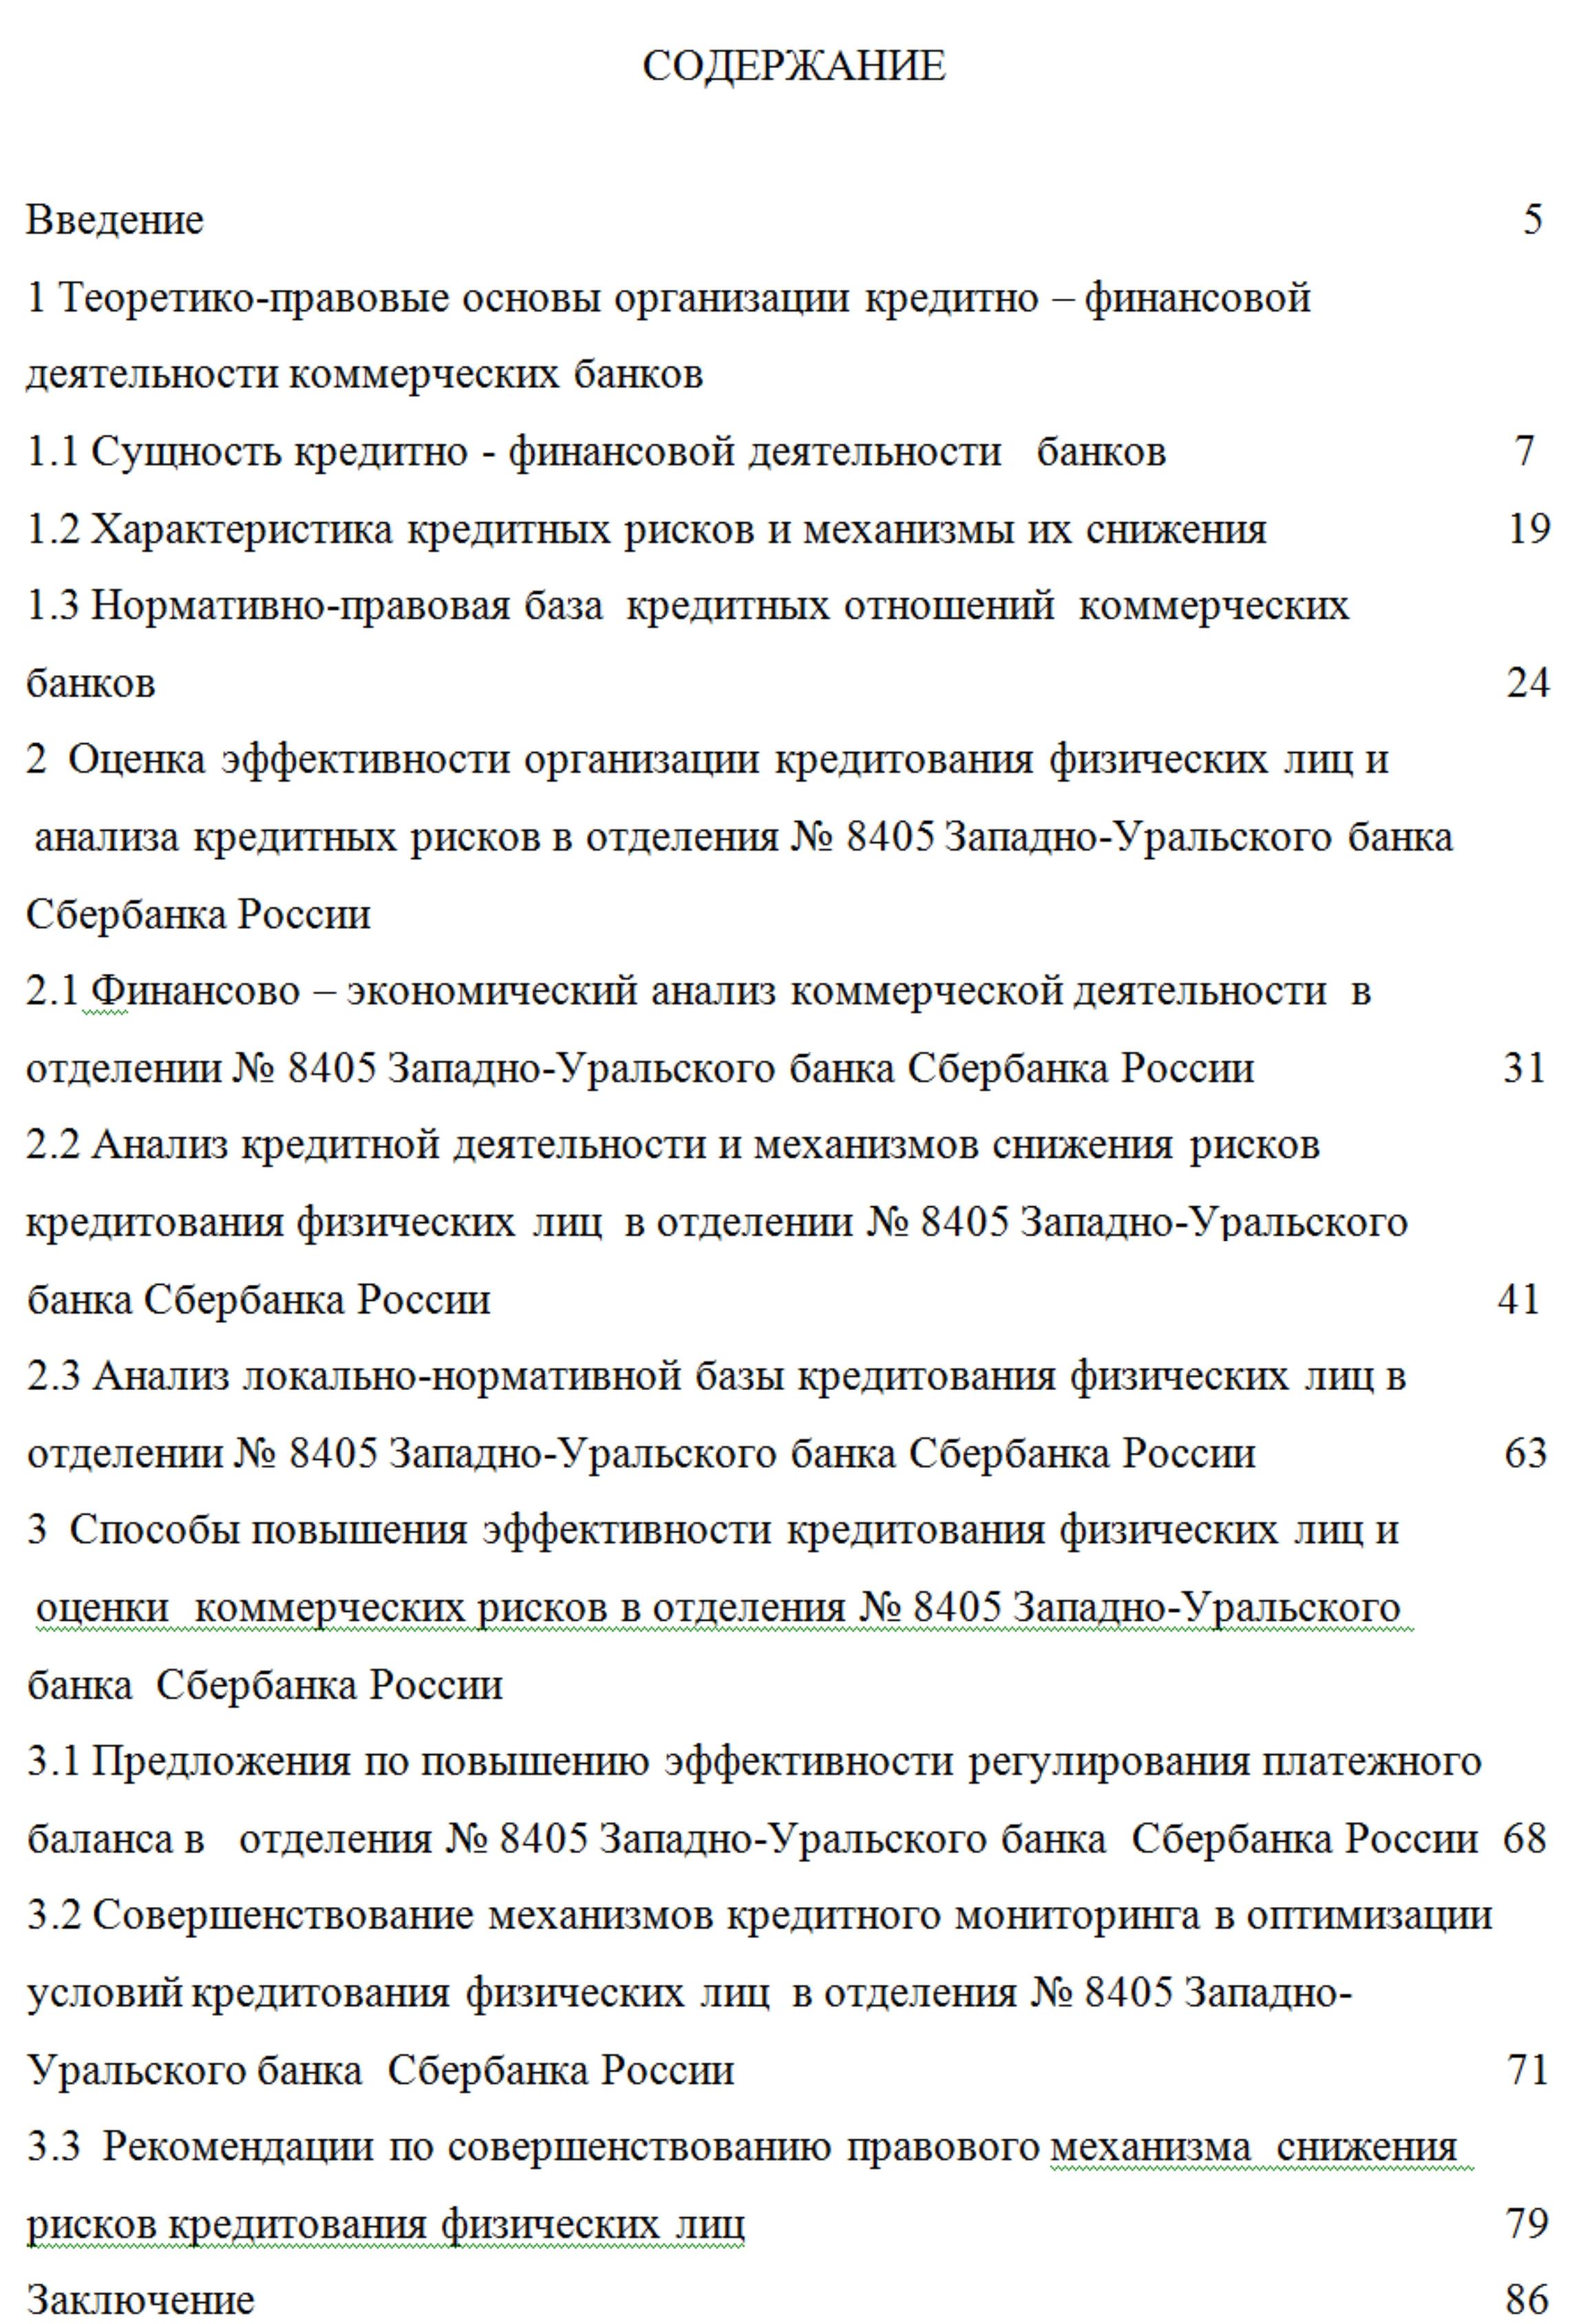 Отчет по преддипломной практике Экономико-правовой и организационный механизм снижения рисков кредитования физических лиц на примере отделения банка Сбербанк России